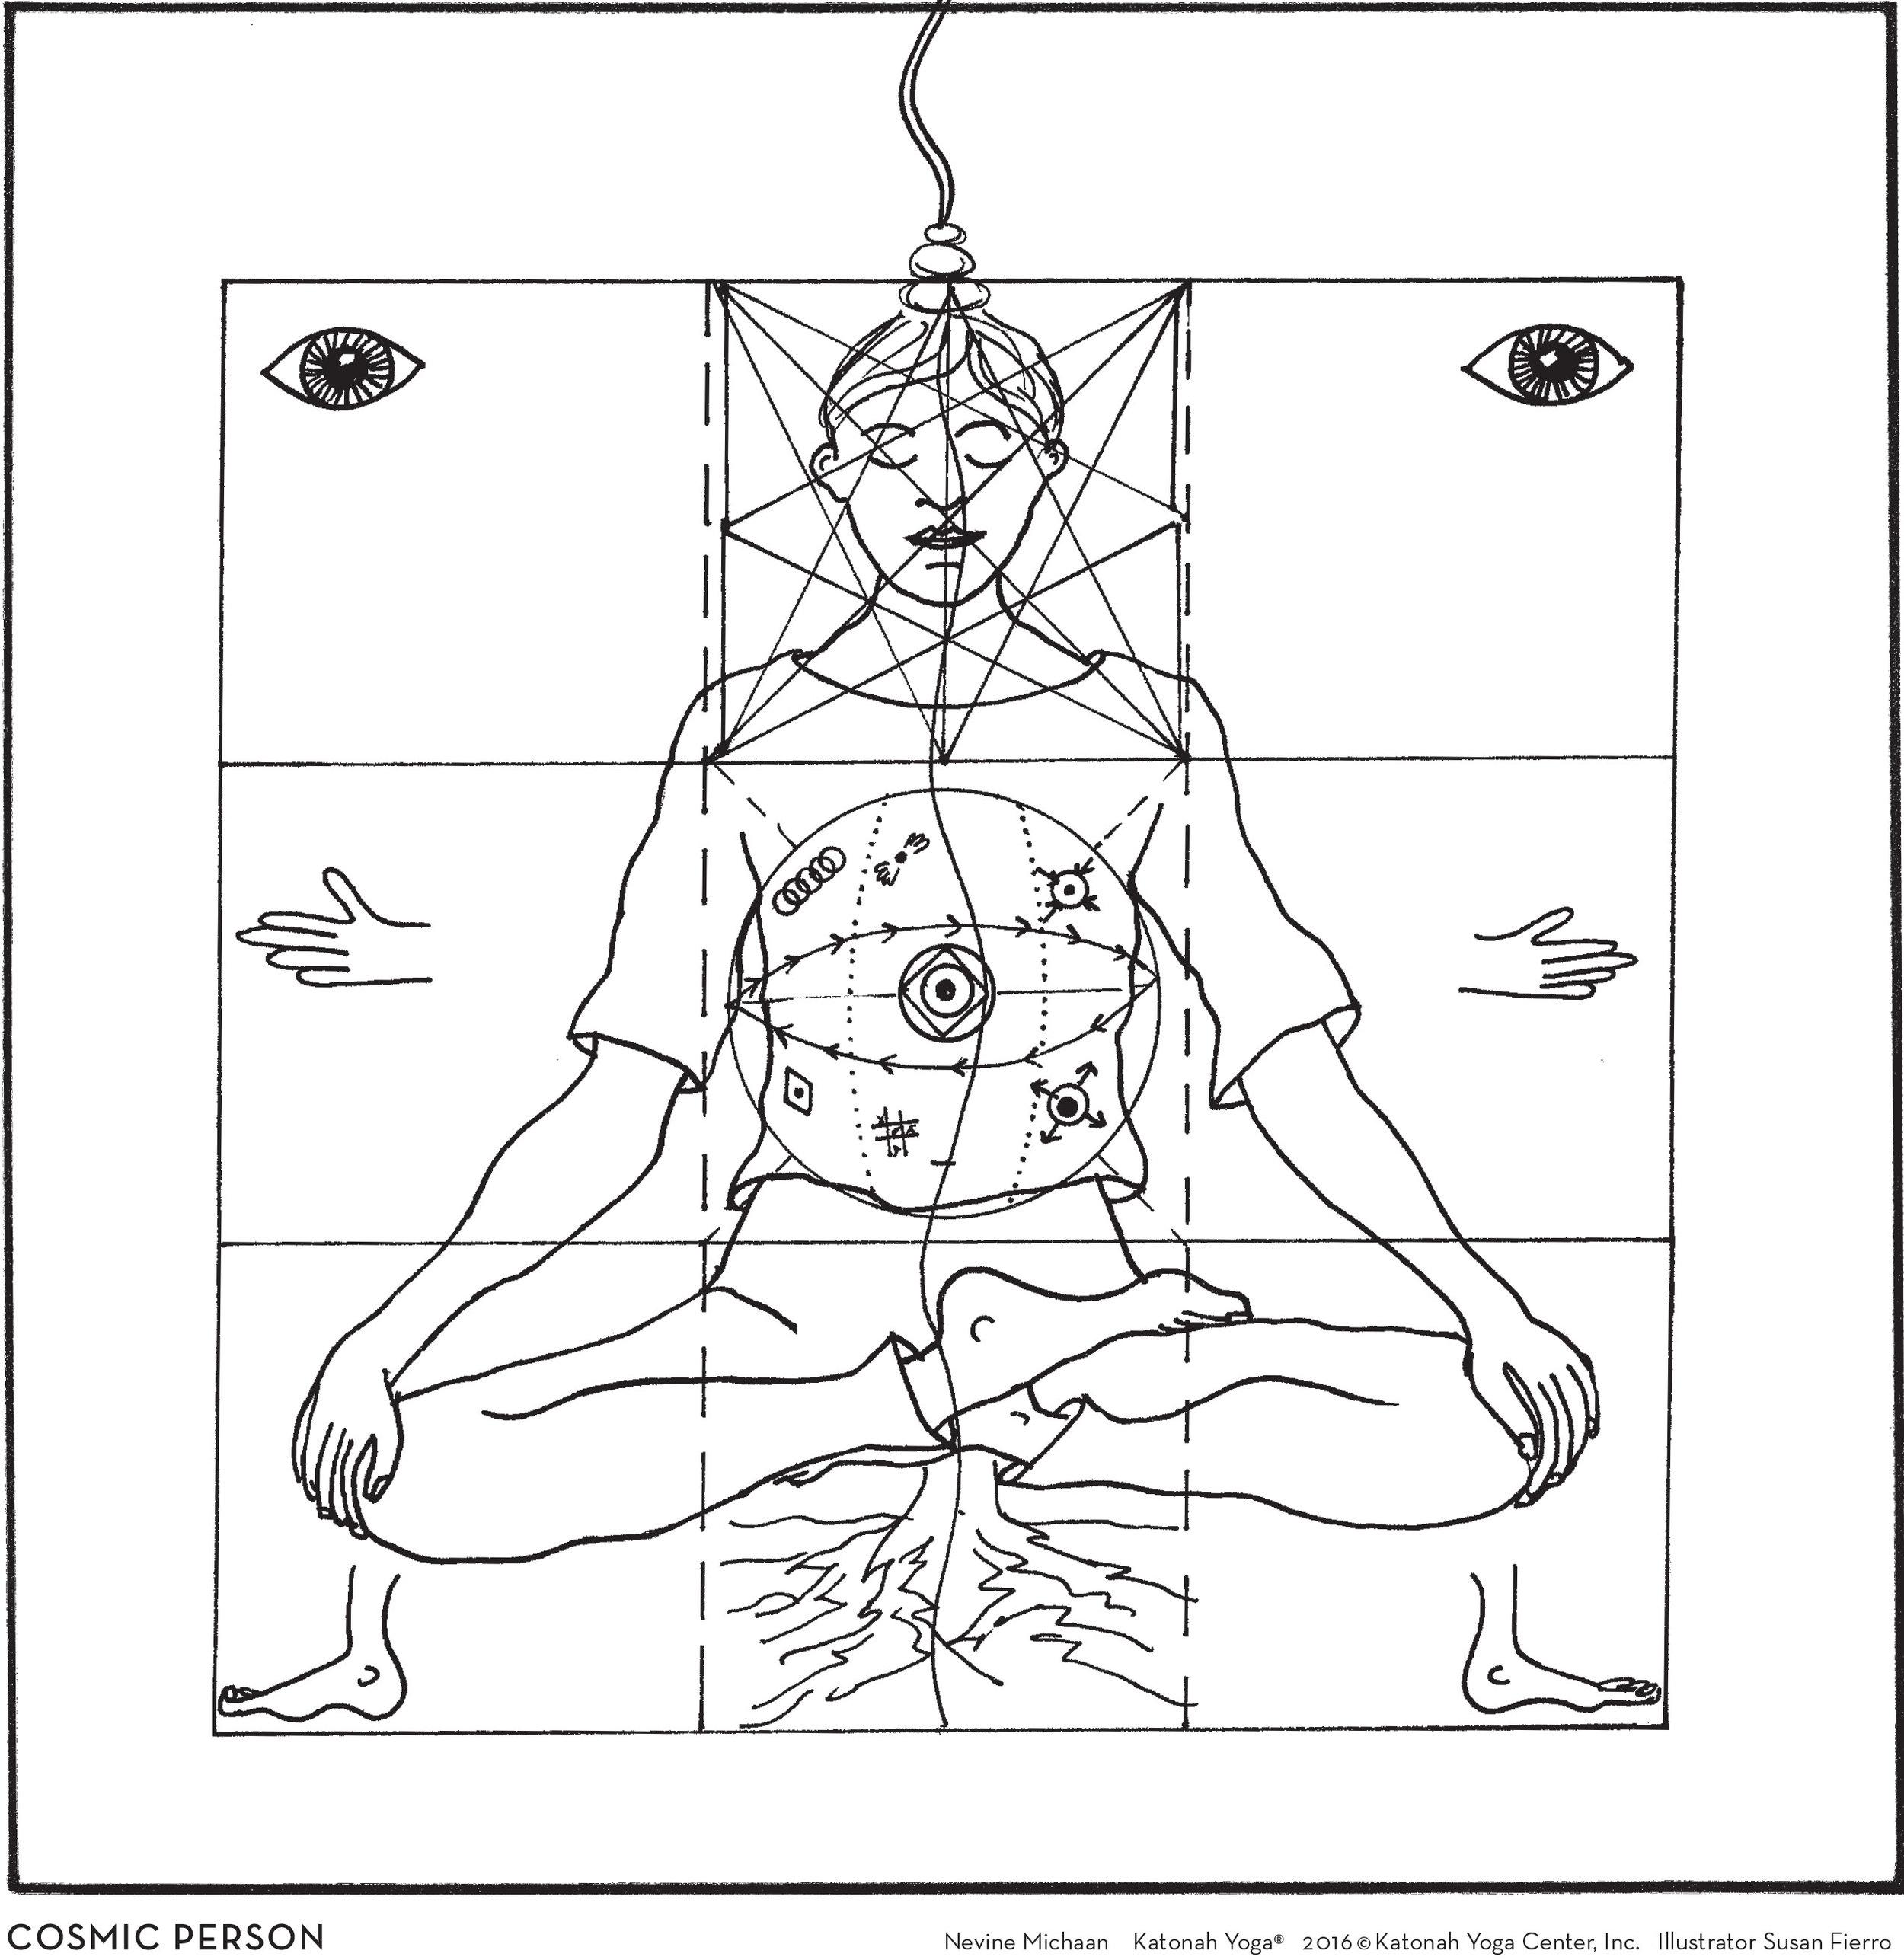 KY_LOOK_MEDITATIONS_Prepare1.jpg